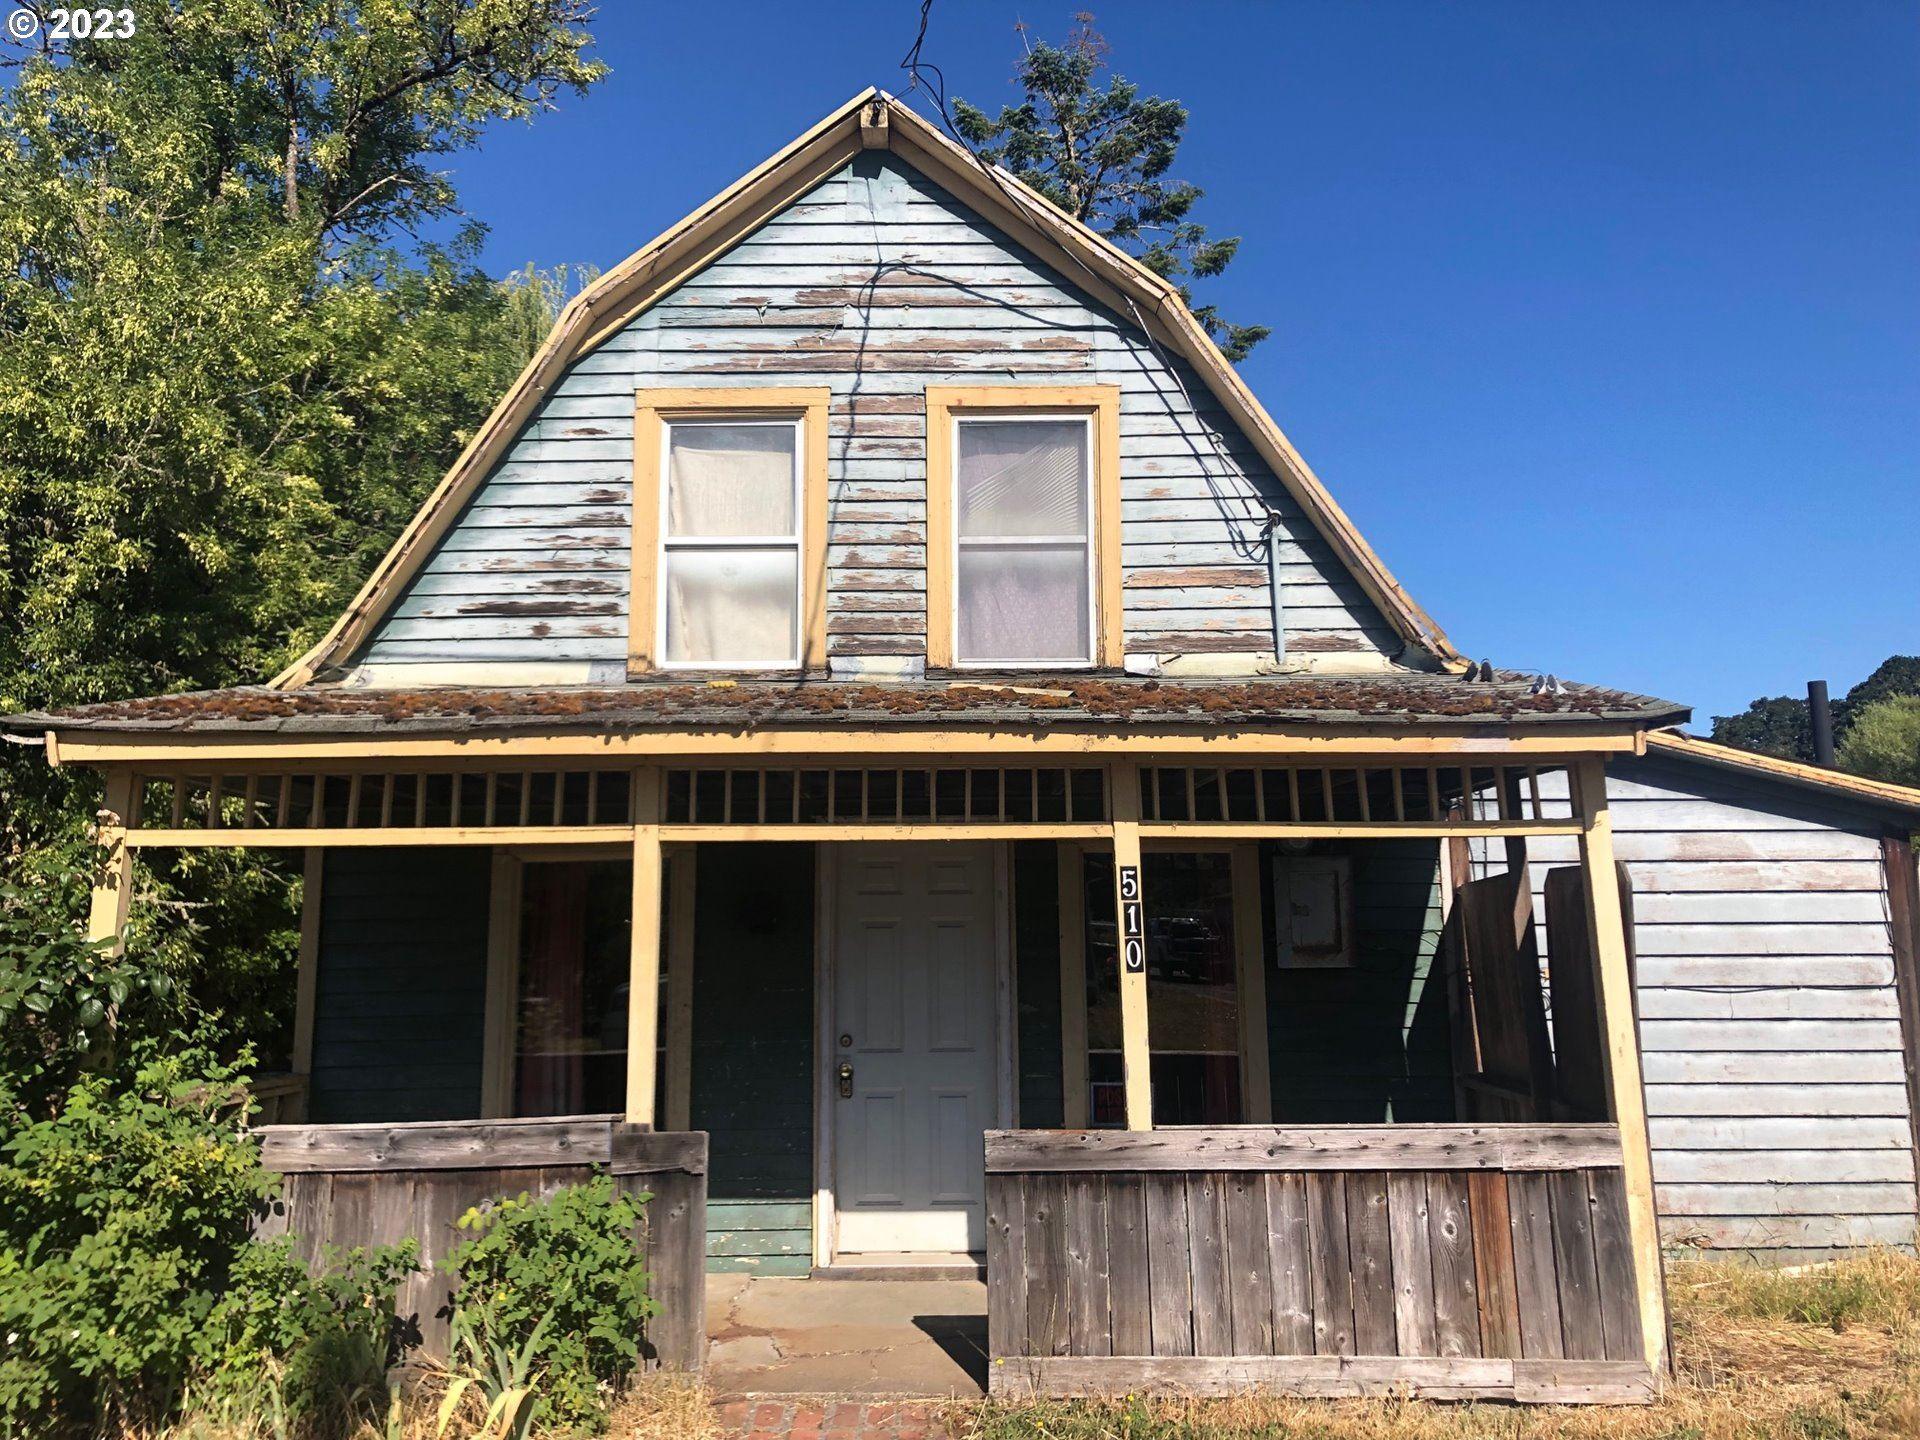 510 NE HILL ST, Sheridan, OR 97378 - MLS#: 20653057